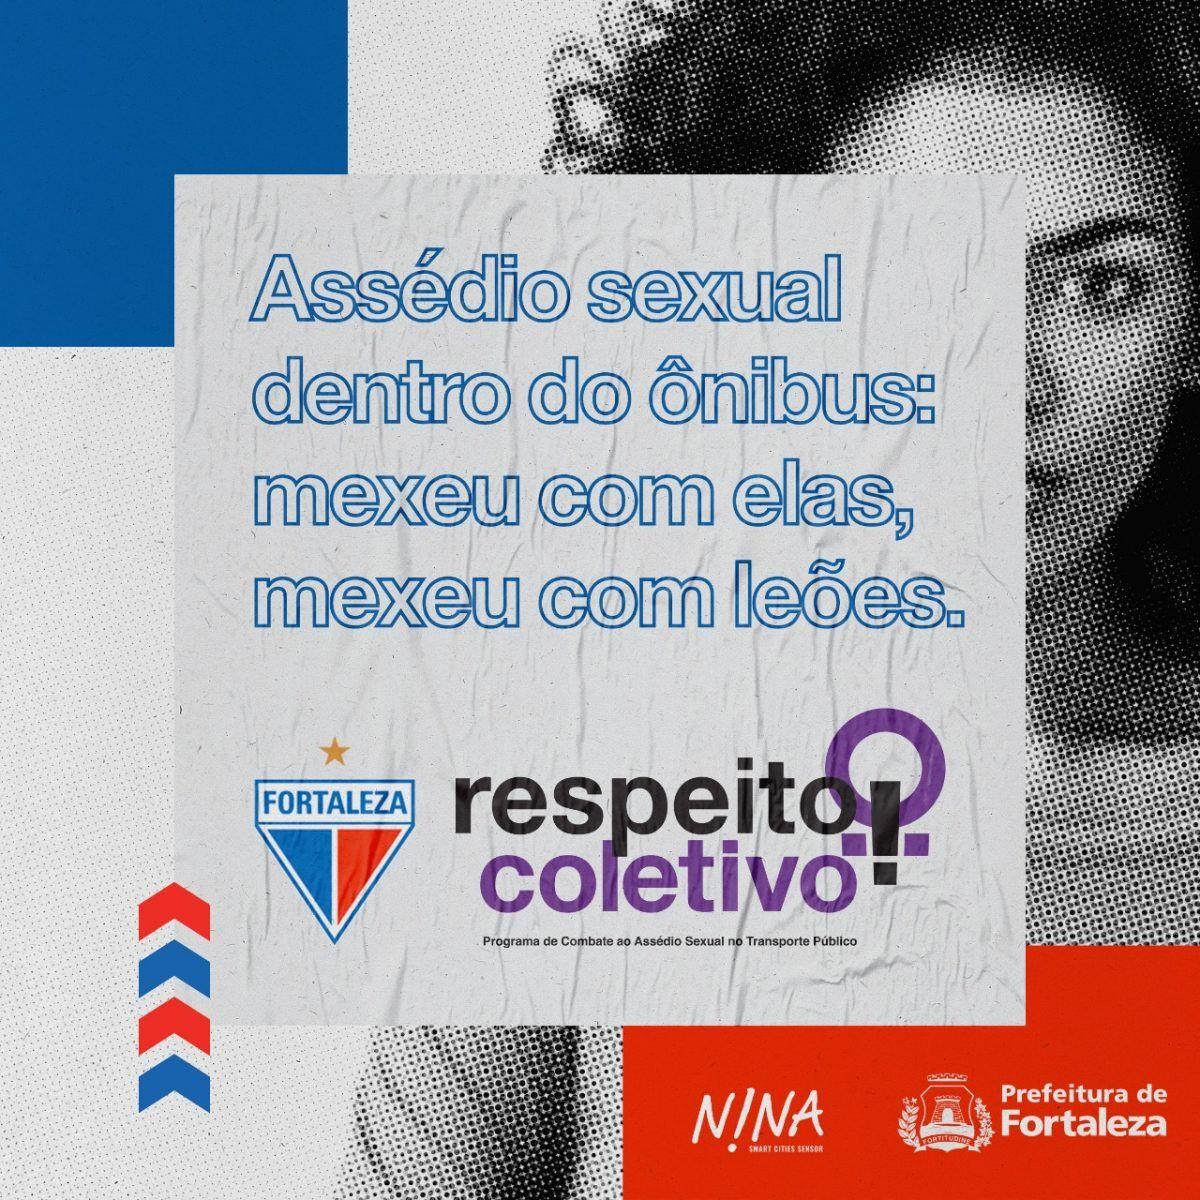 Fortaleza é parceiro em aplicativo de denúncia e campanha para combater o assédio sexual no transporte público